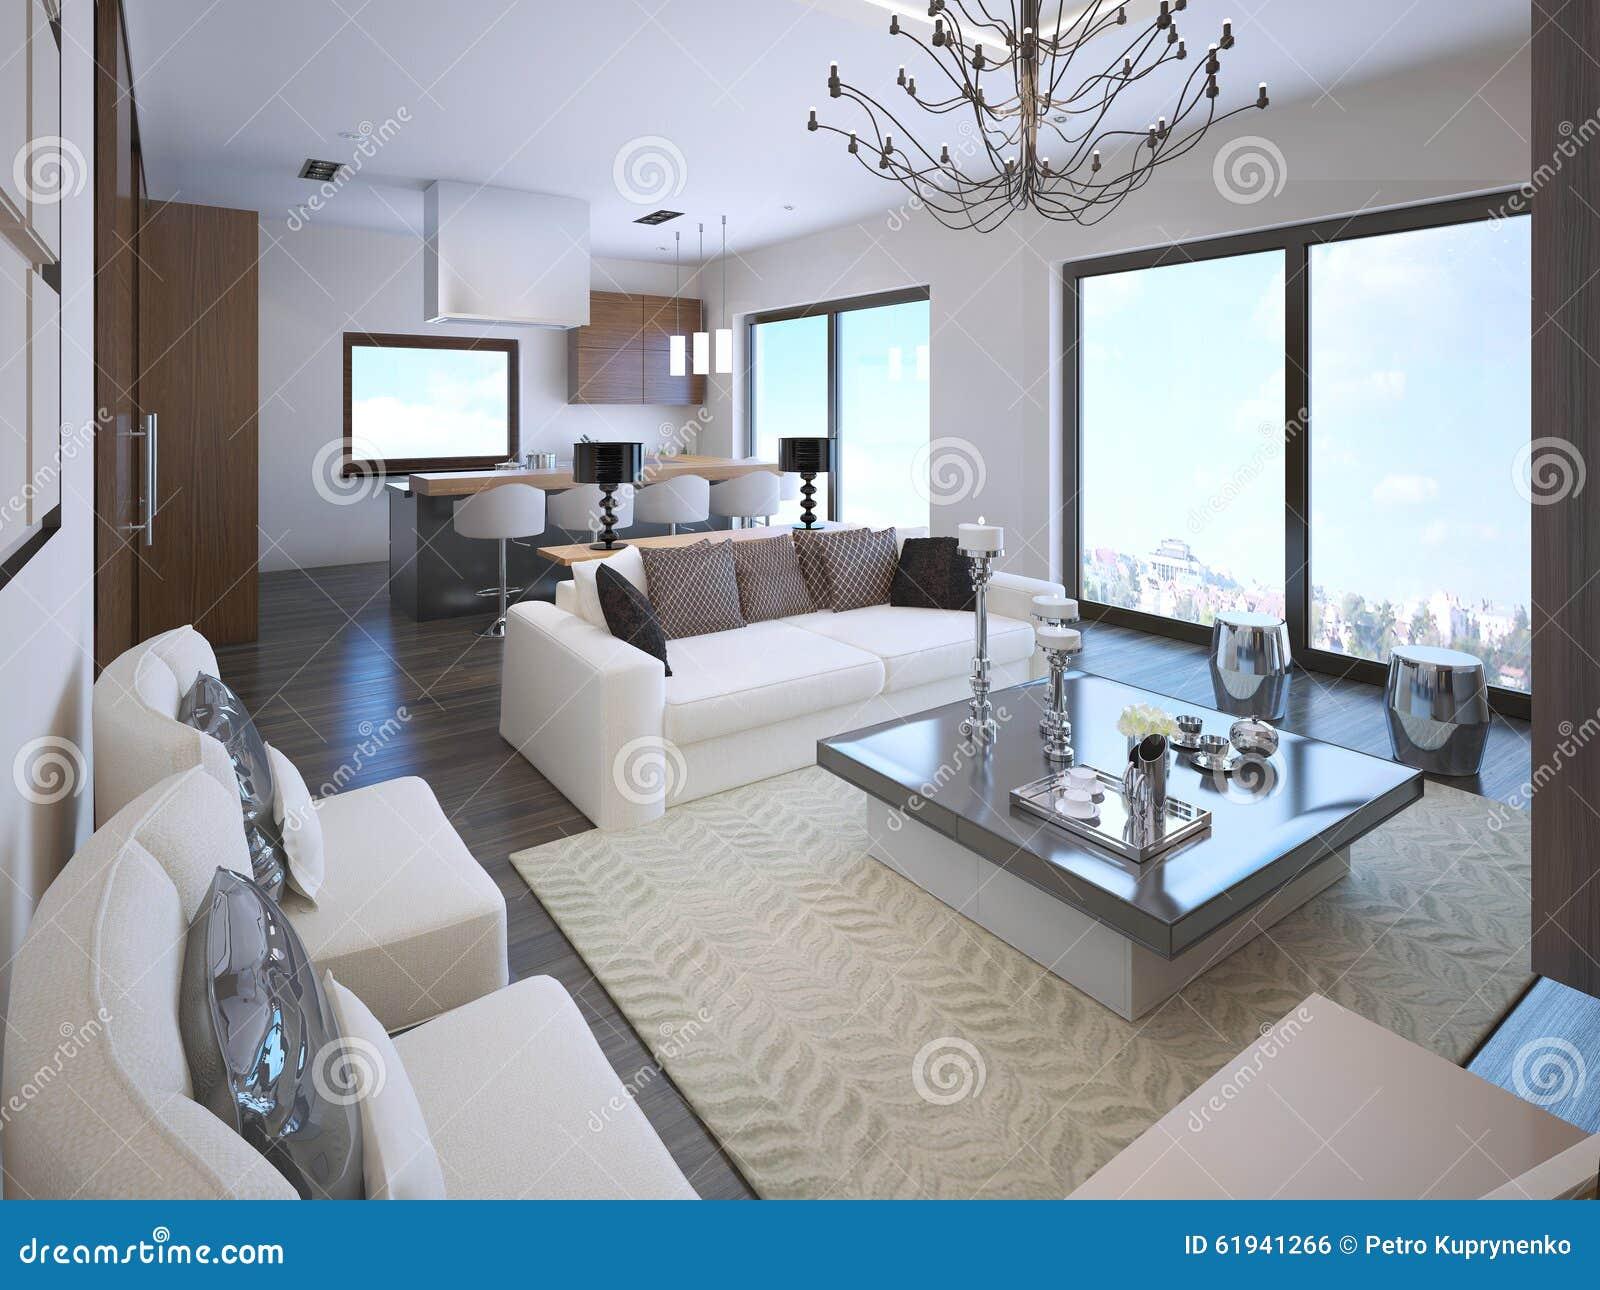 在艺术装饰样式的白色单室公寓内部与大全景窗口 3d回报.